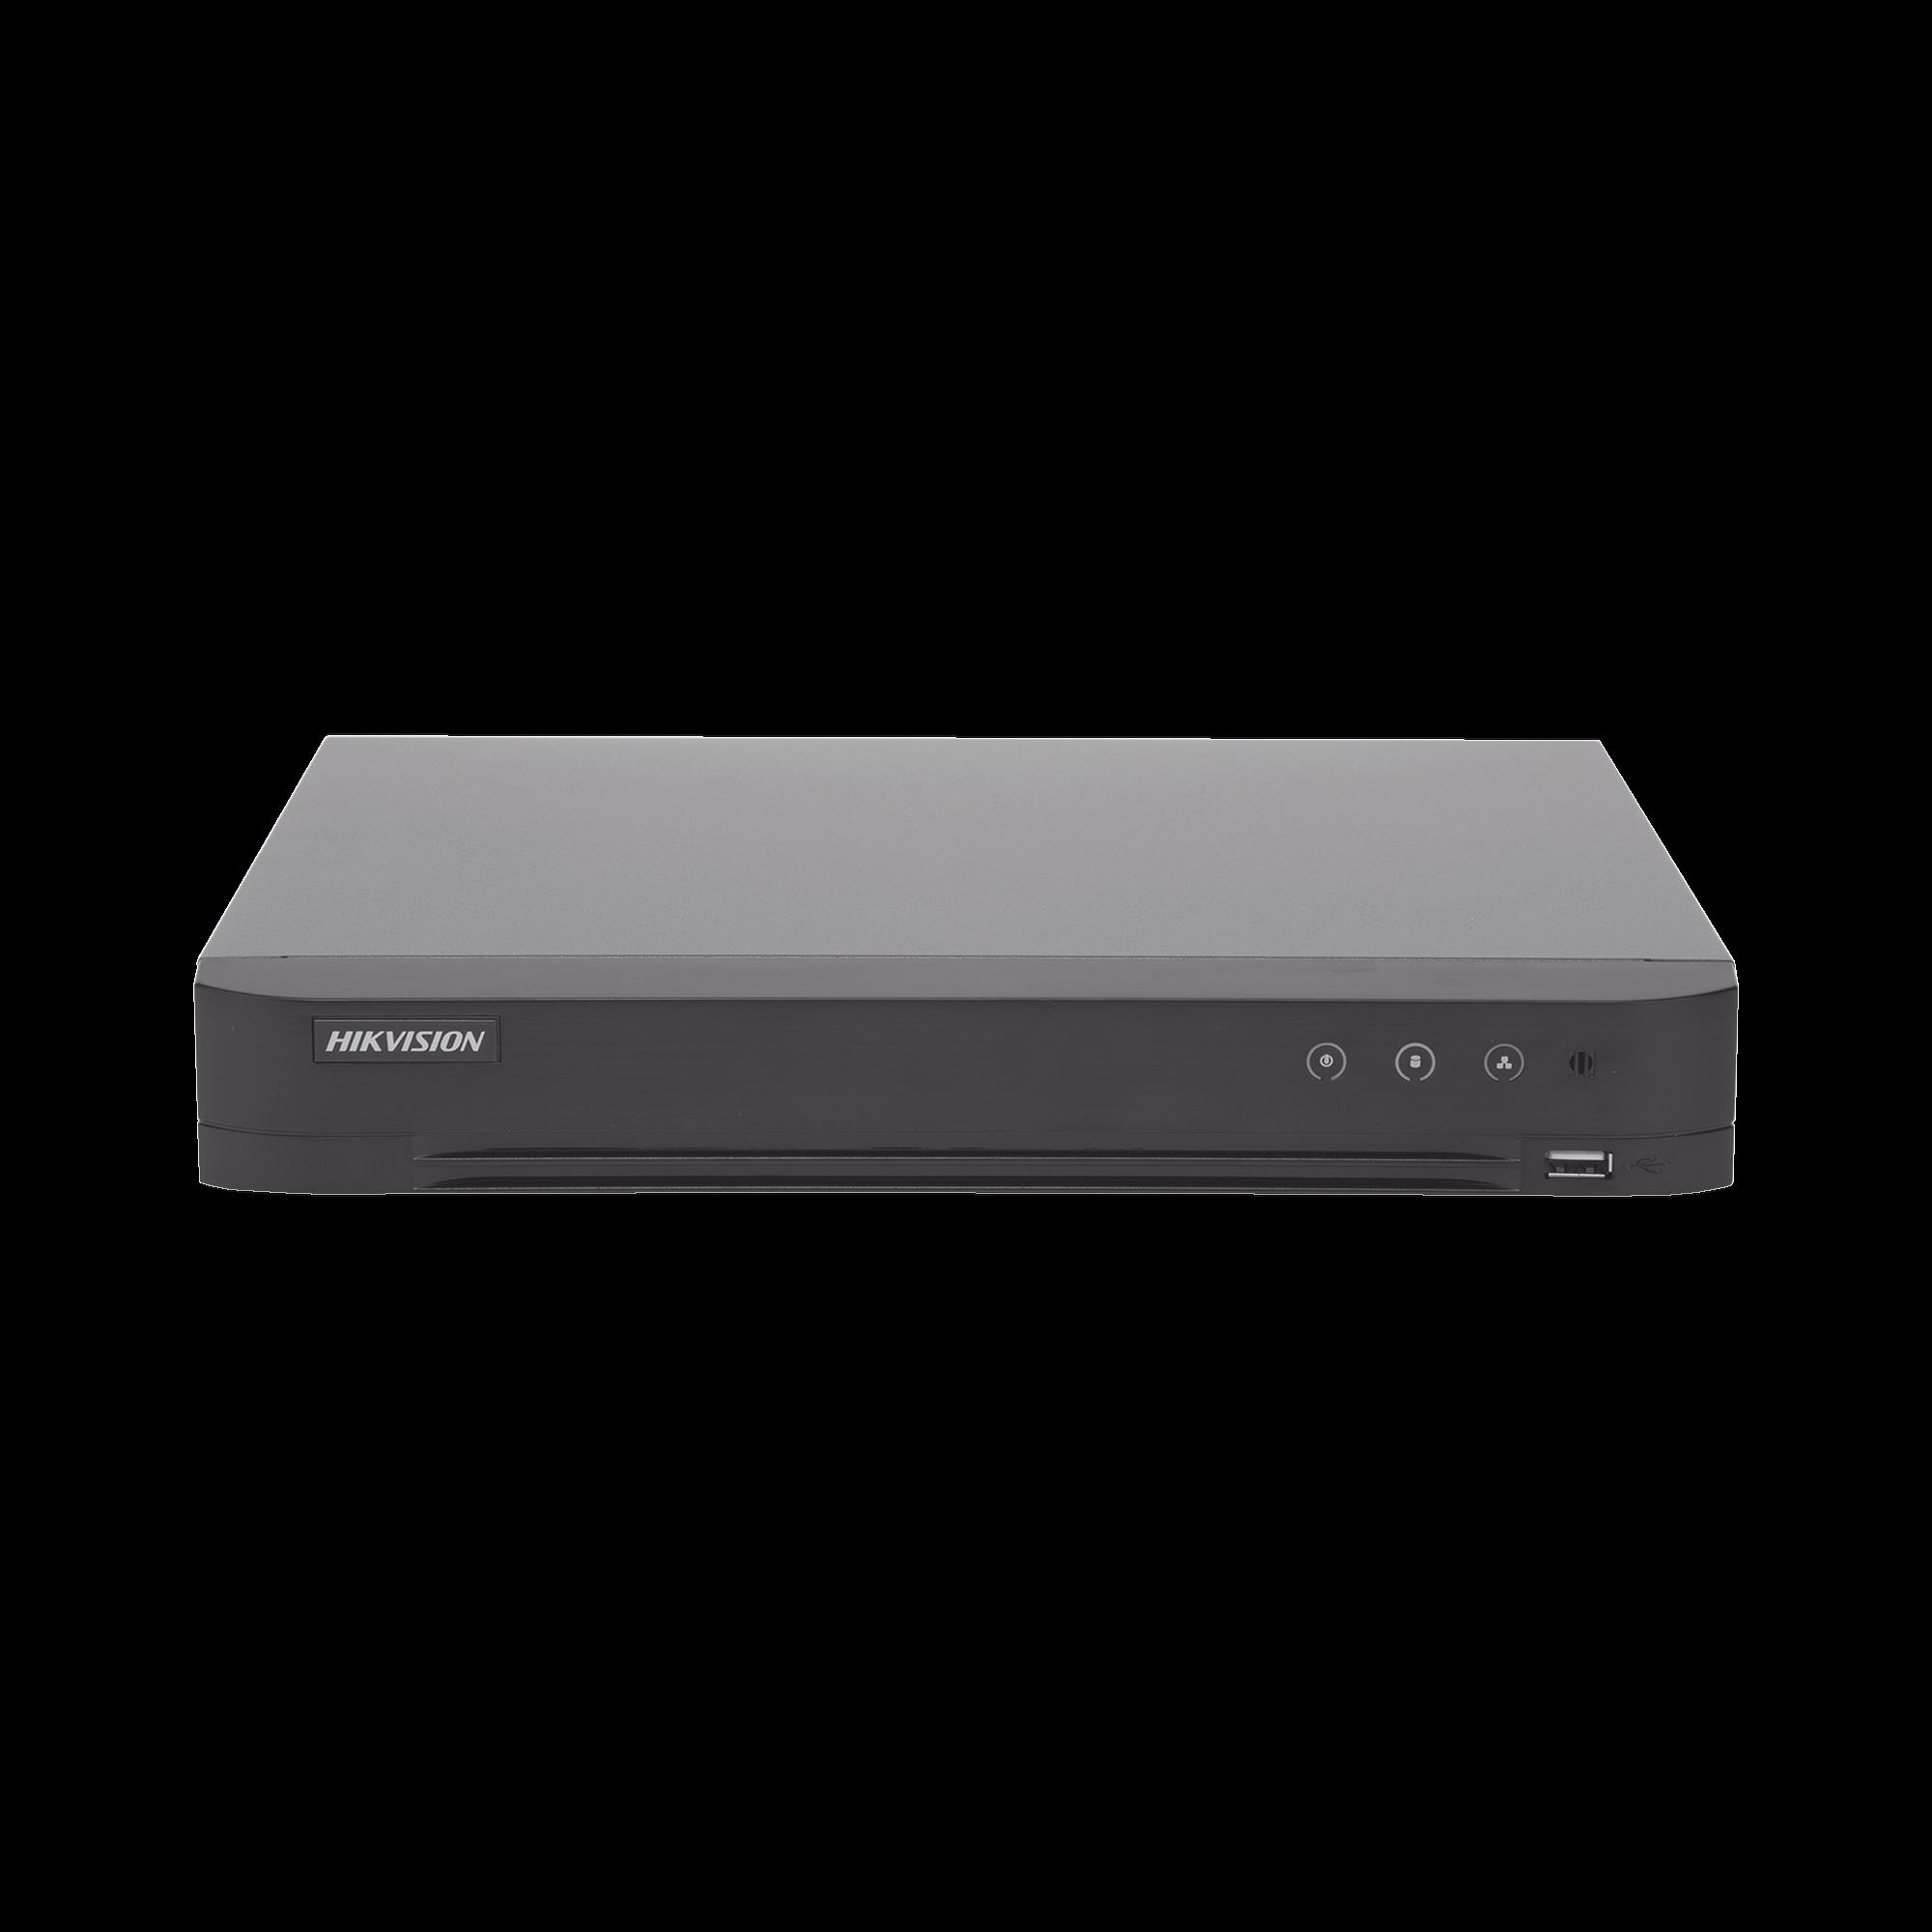 (Reconocimiento de Rostros / ACUSENSE) DVR 4 Megapixel / 16 Canales TURBOHD + 8 Canales IP / 1 Bahía de Disco Duro / 1 Canal de Audio / Audio por Coaxitron